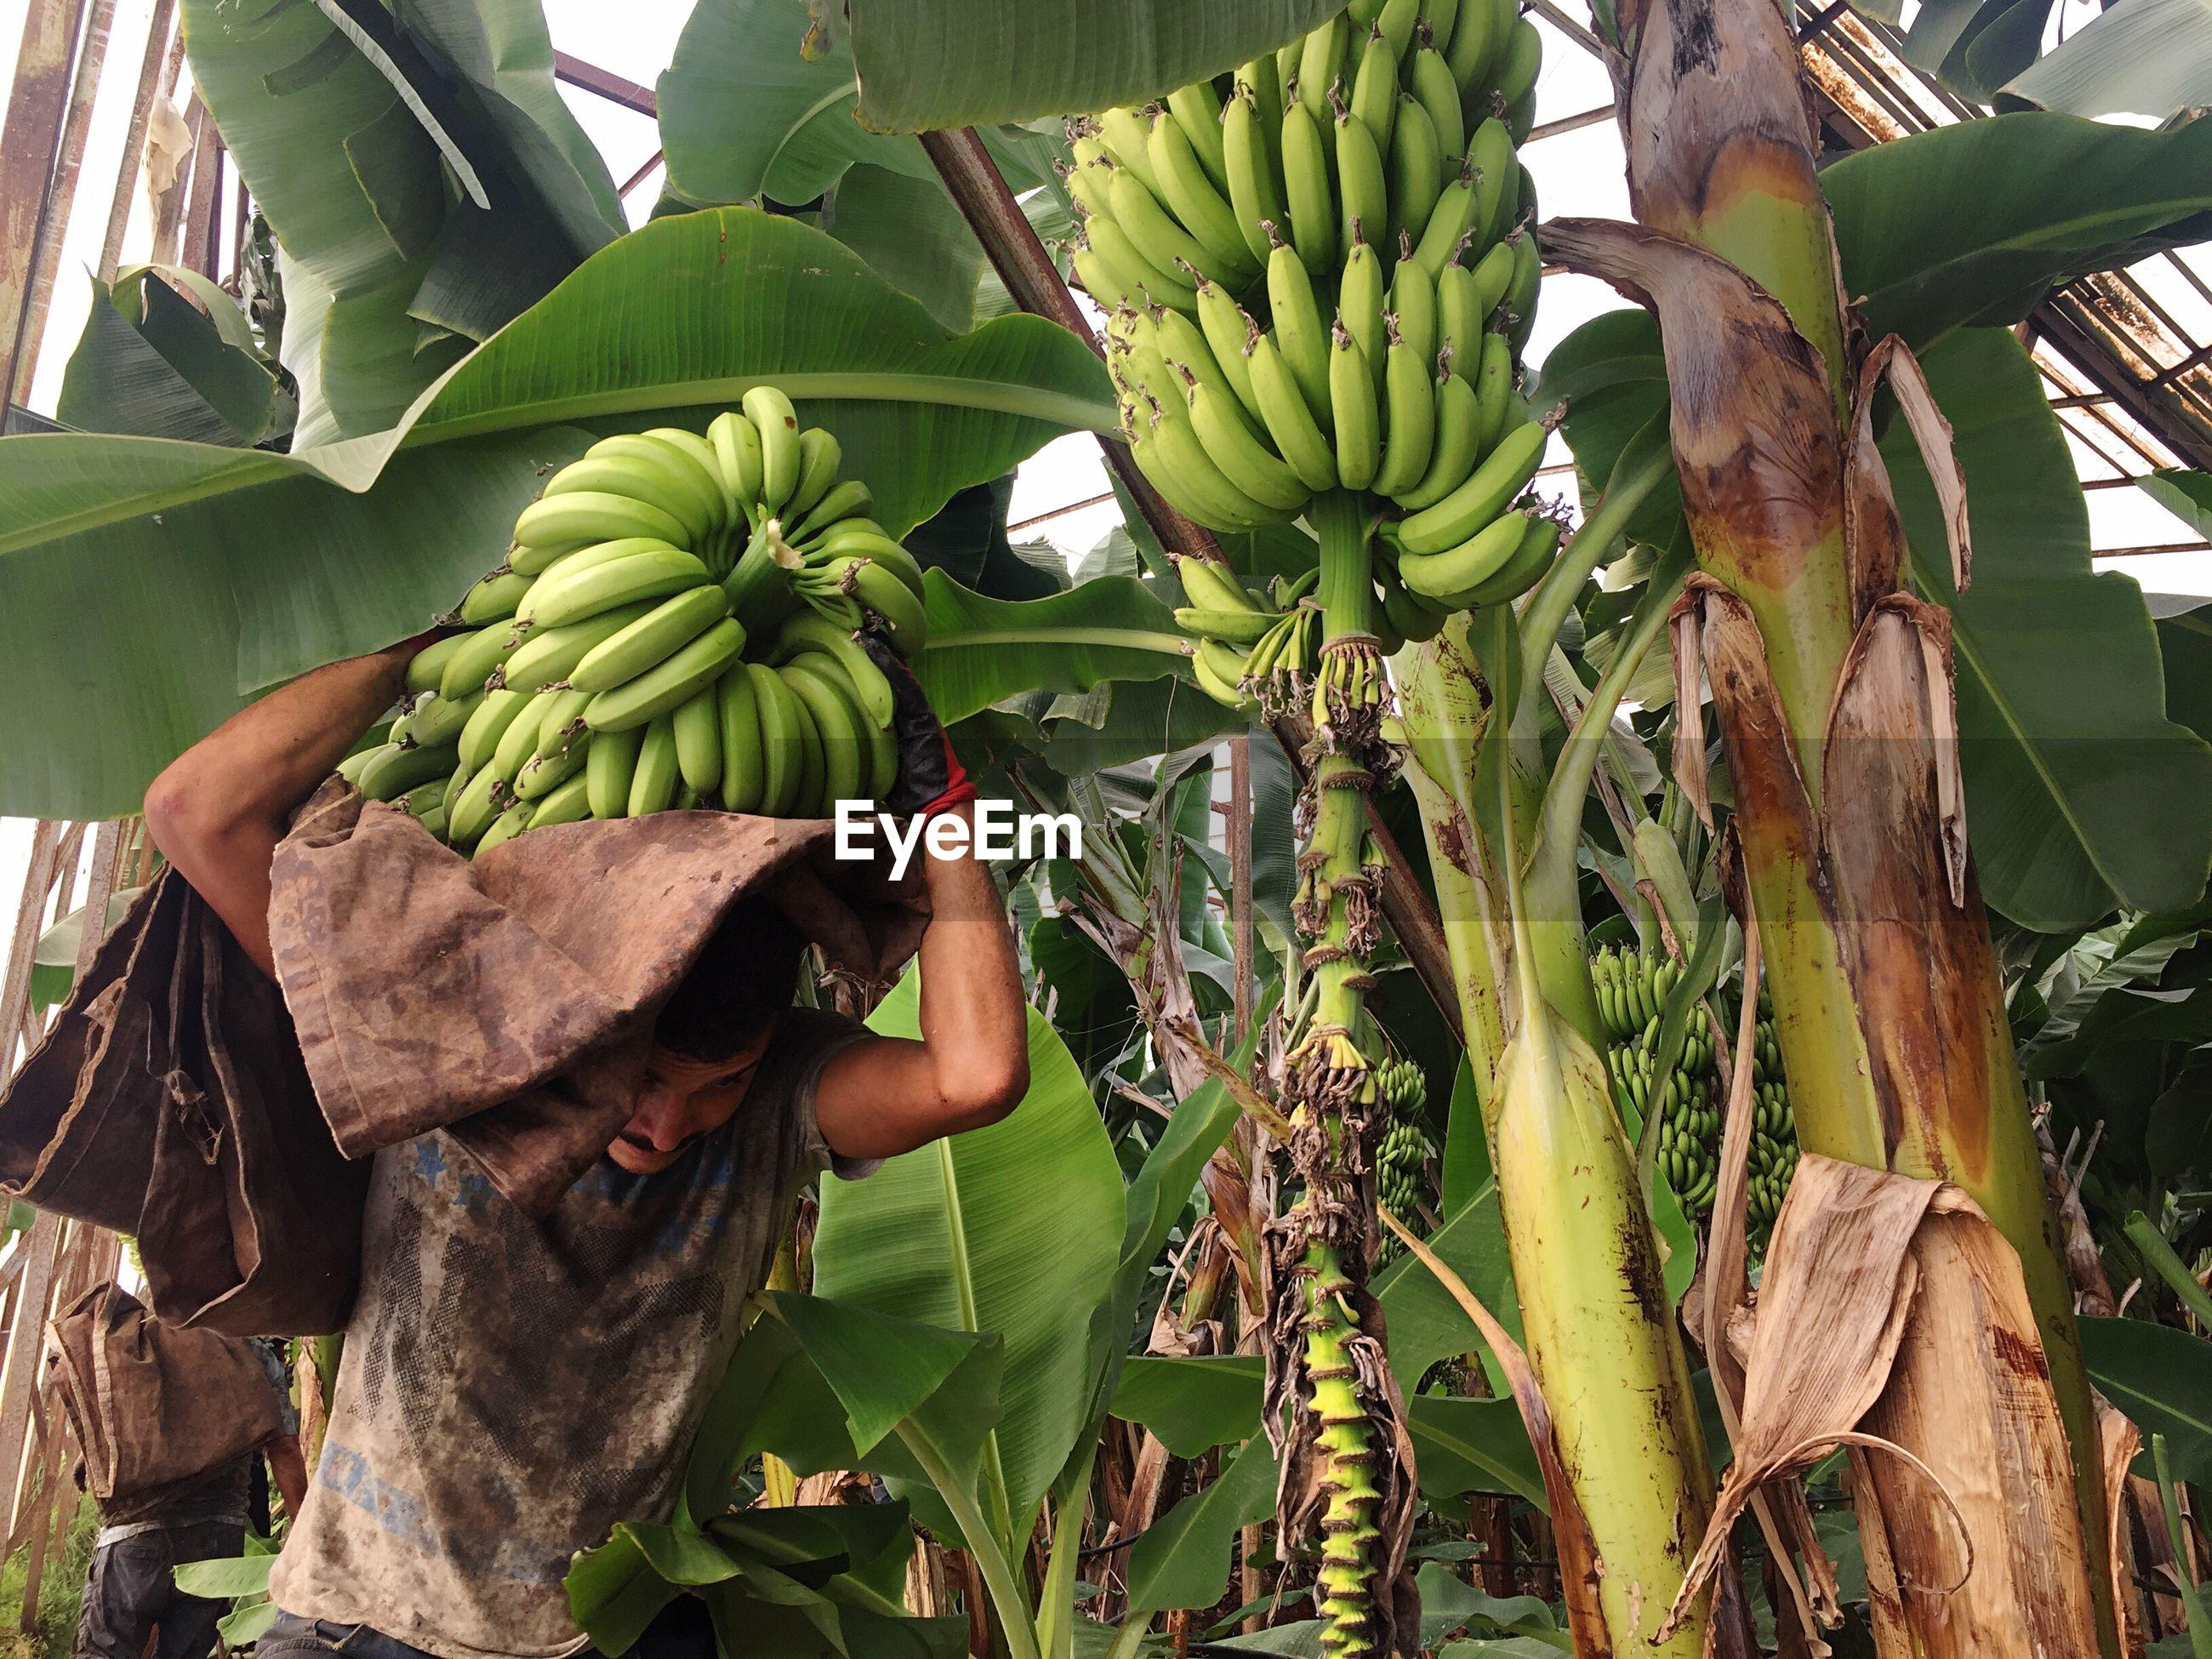 Farmer carrying bananas at farm